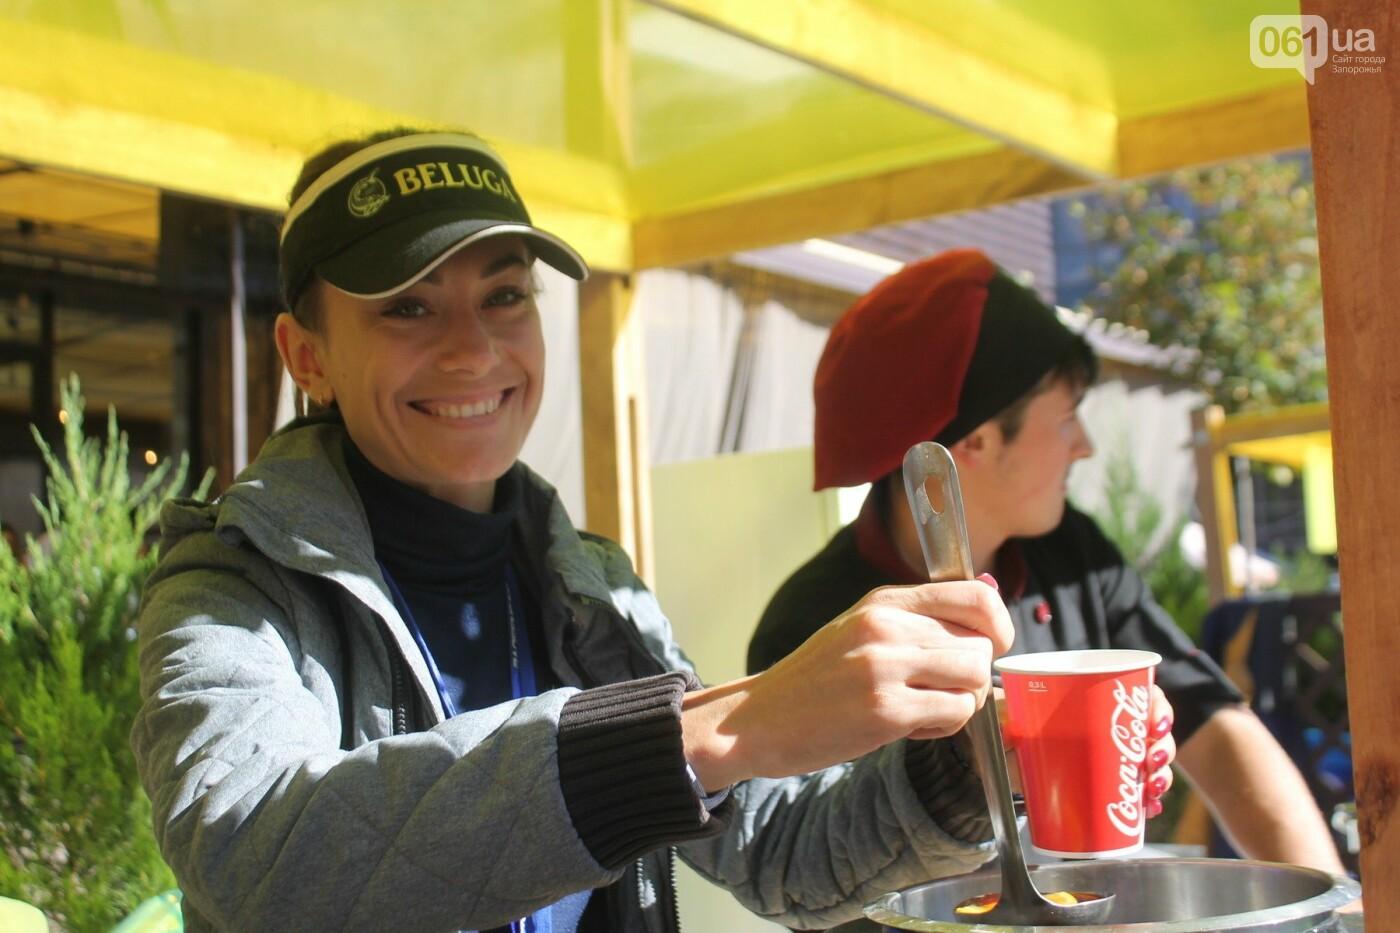 Как в Запорожье прошел пивной фестиваль «Beluga Beer fest», – ФОТОРЕПОРТАЖ, фото-15